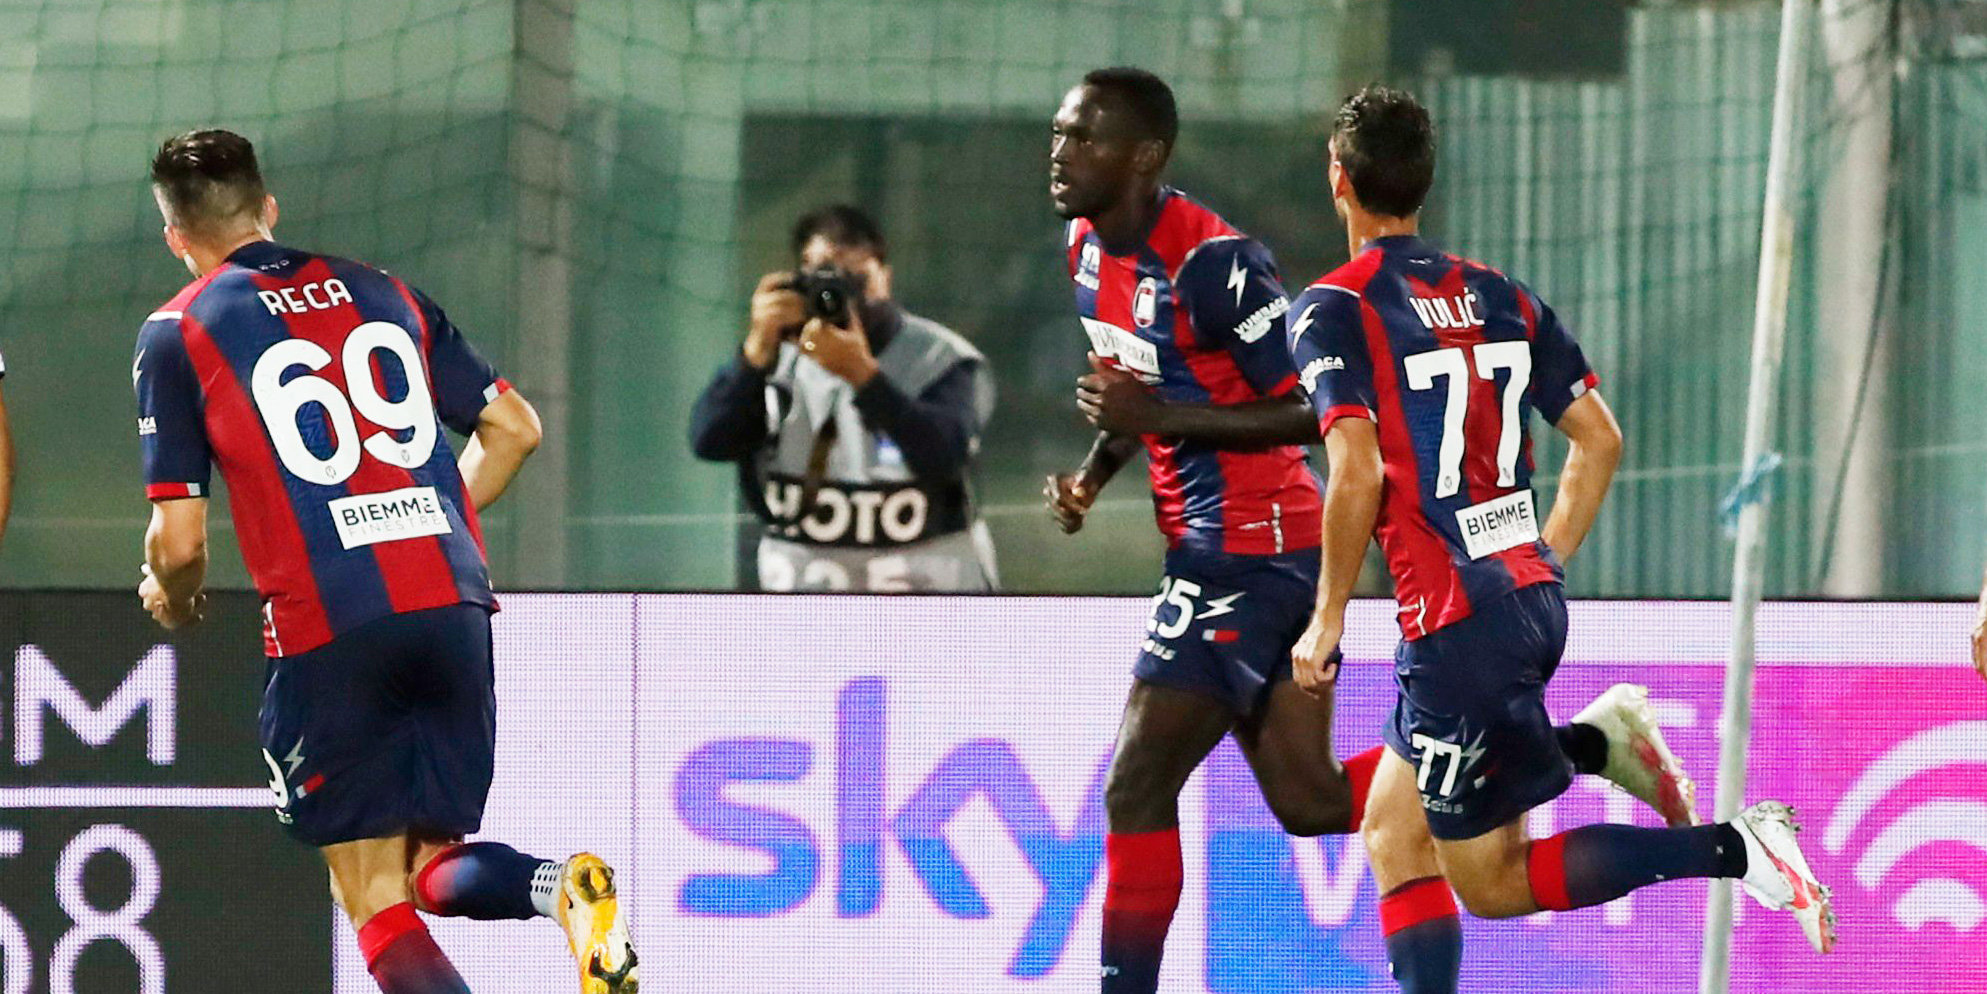 «Кротоне» одержал волевую победу над «Пармой» в матче чемпионата Италии